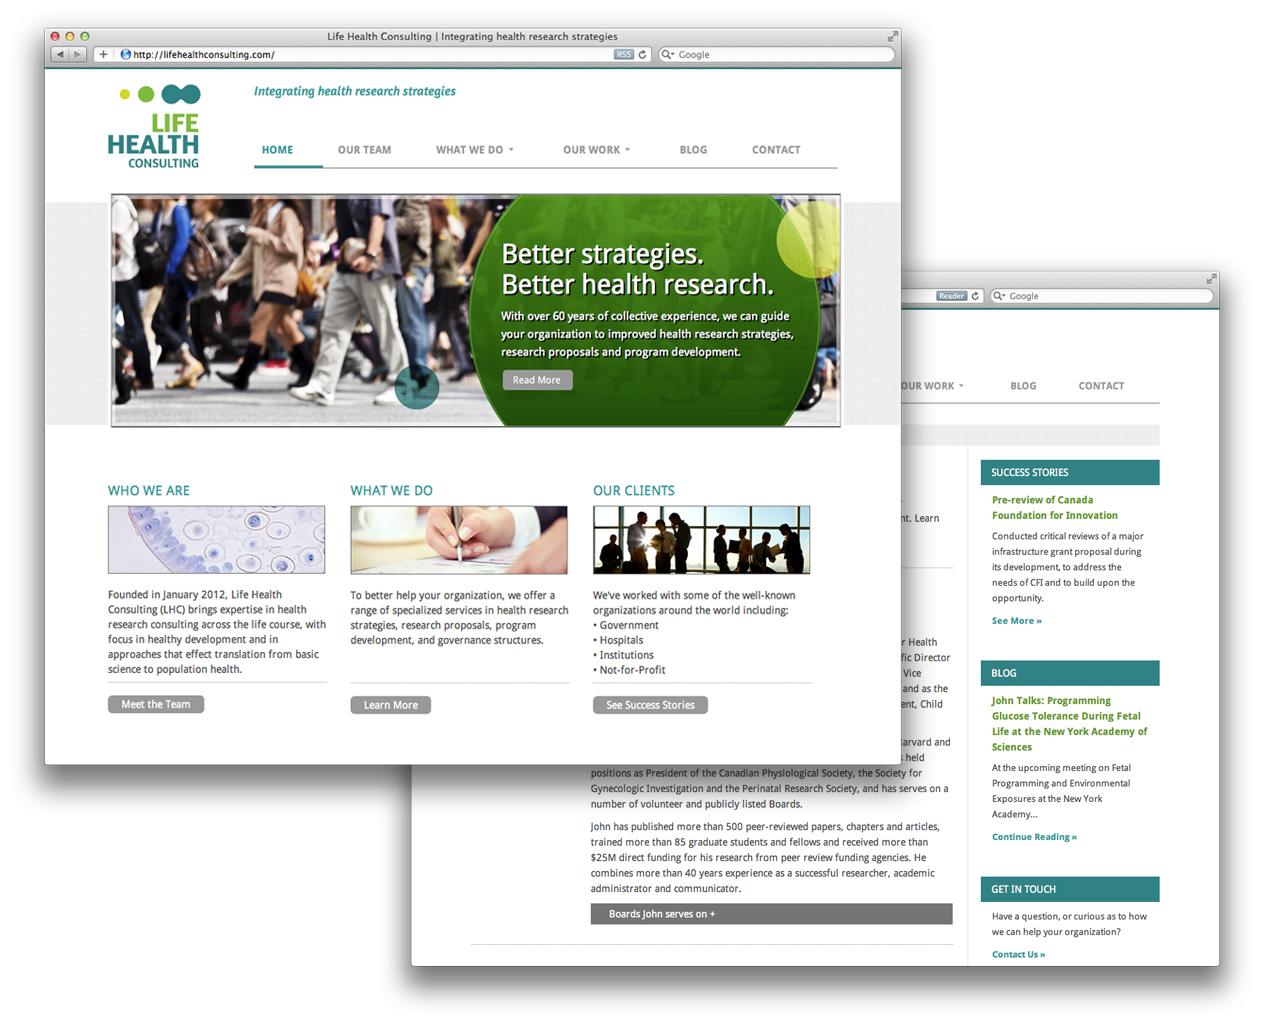 lhc-website